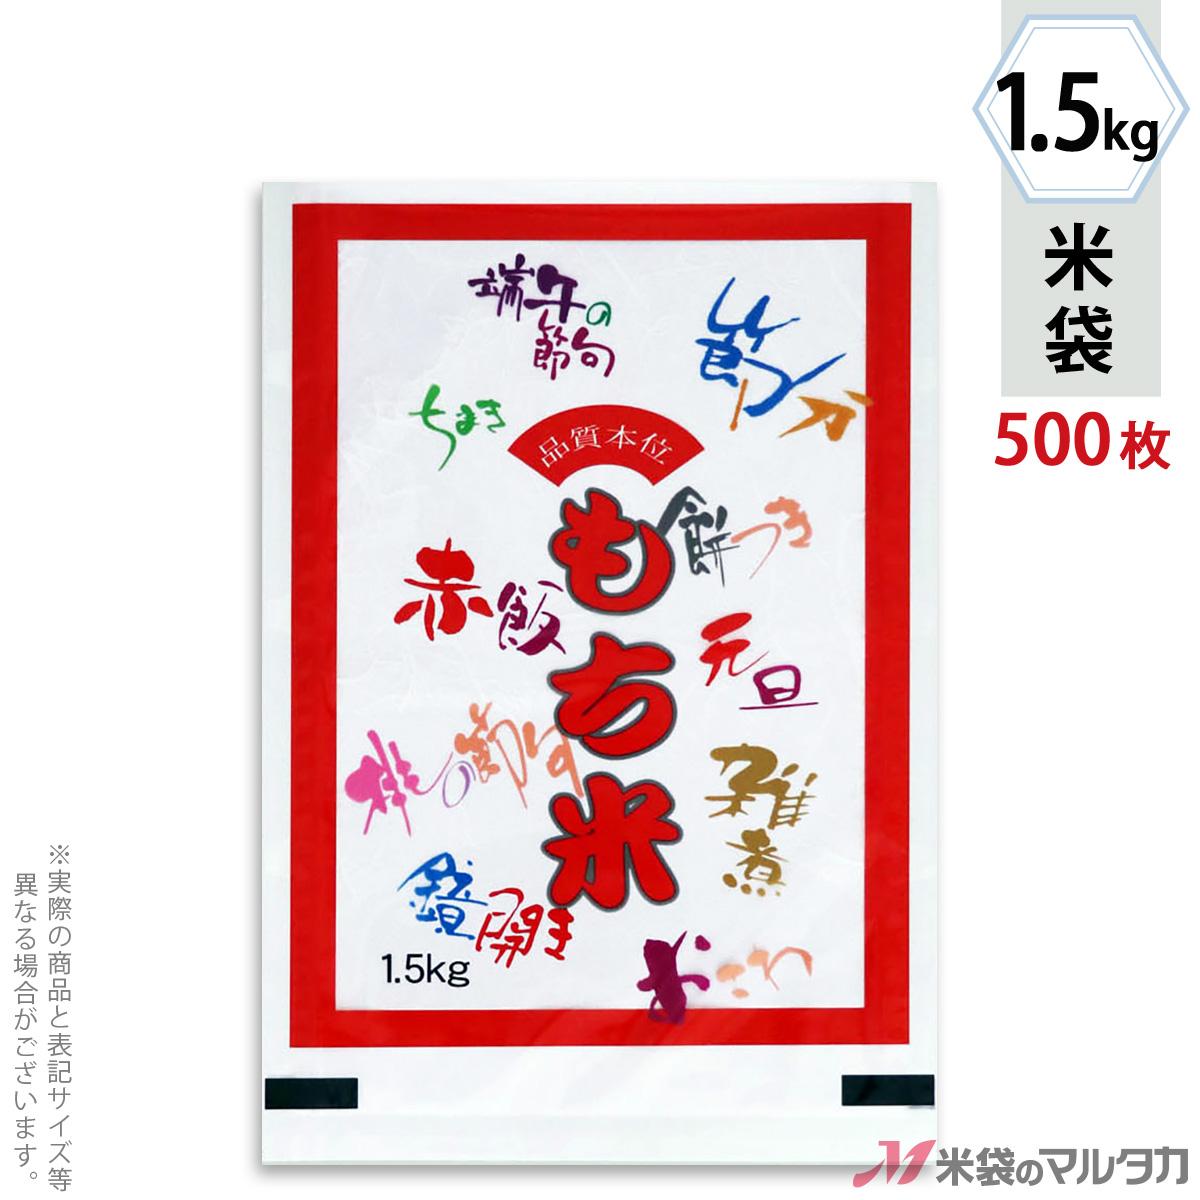 米袋 ラミ フレブレス もち米 祭事 1.5kg 1ケース(500枚入) MN-4360